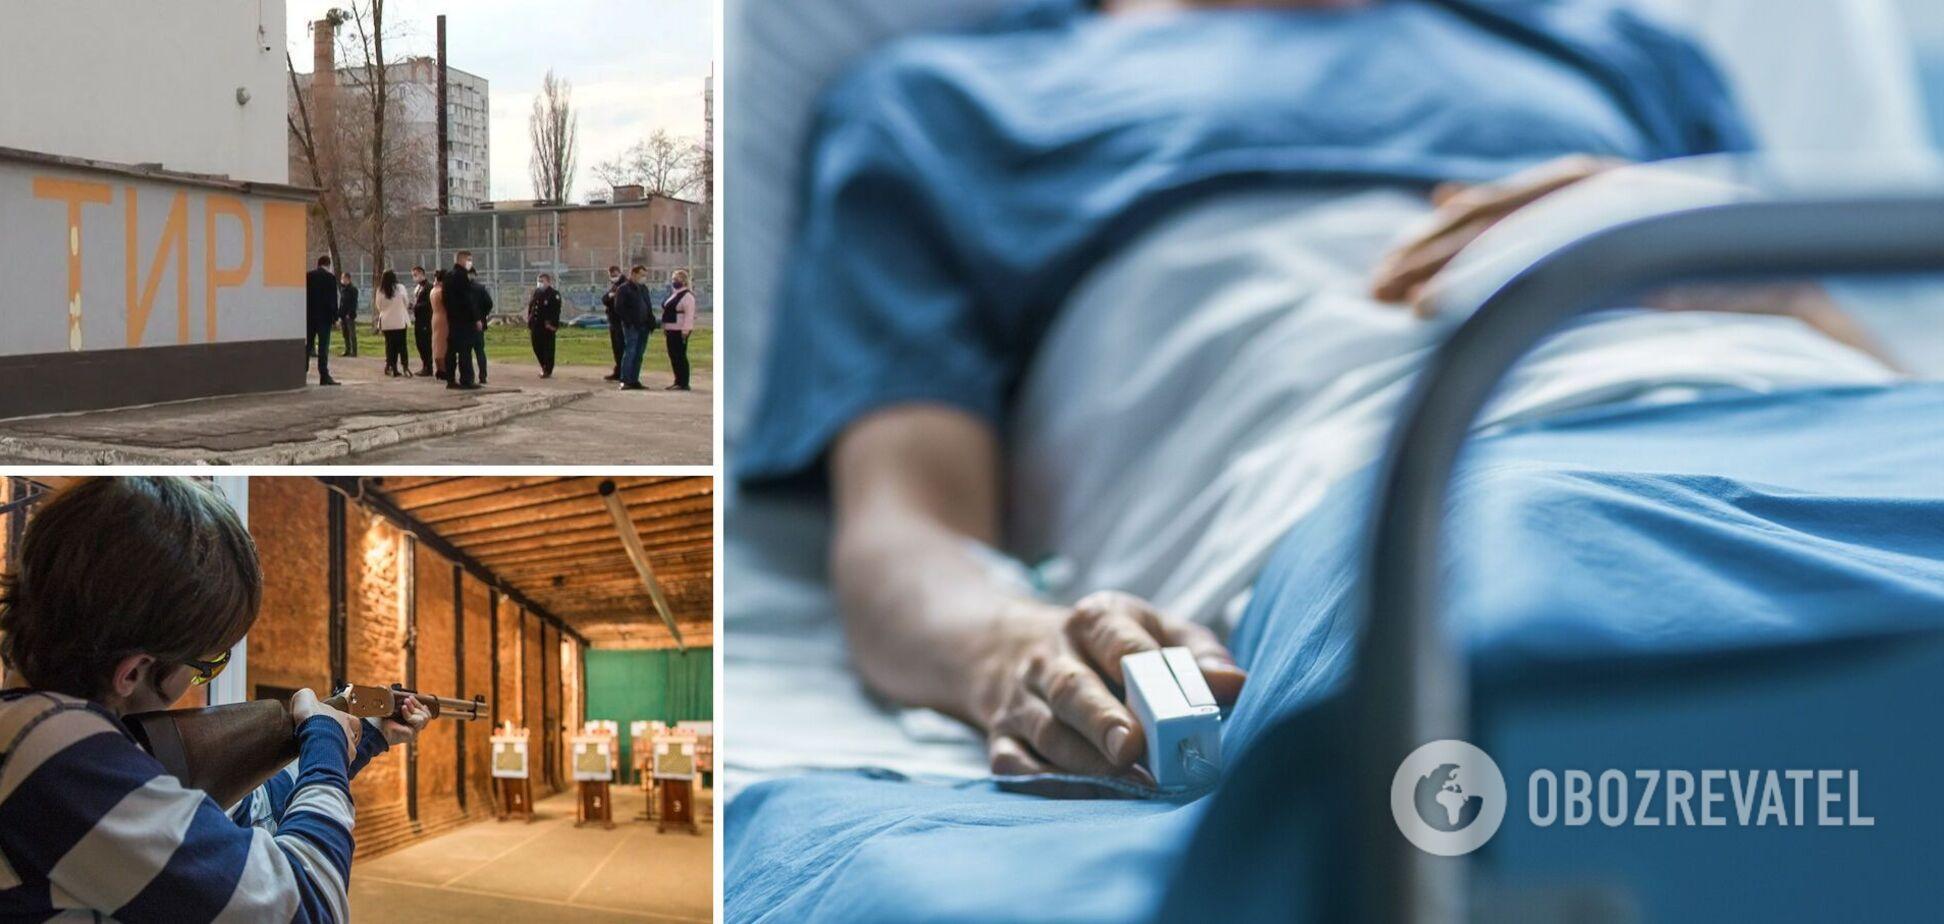 Пуля пробила виски, ребенок в коме: появились подробности ЧП в гимназии Черкасс